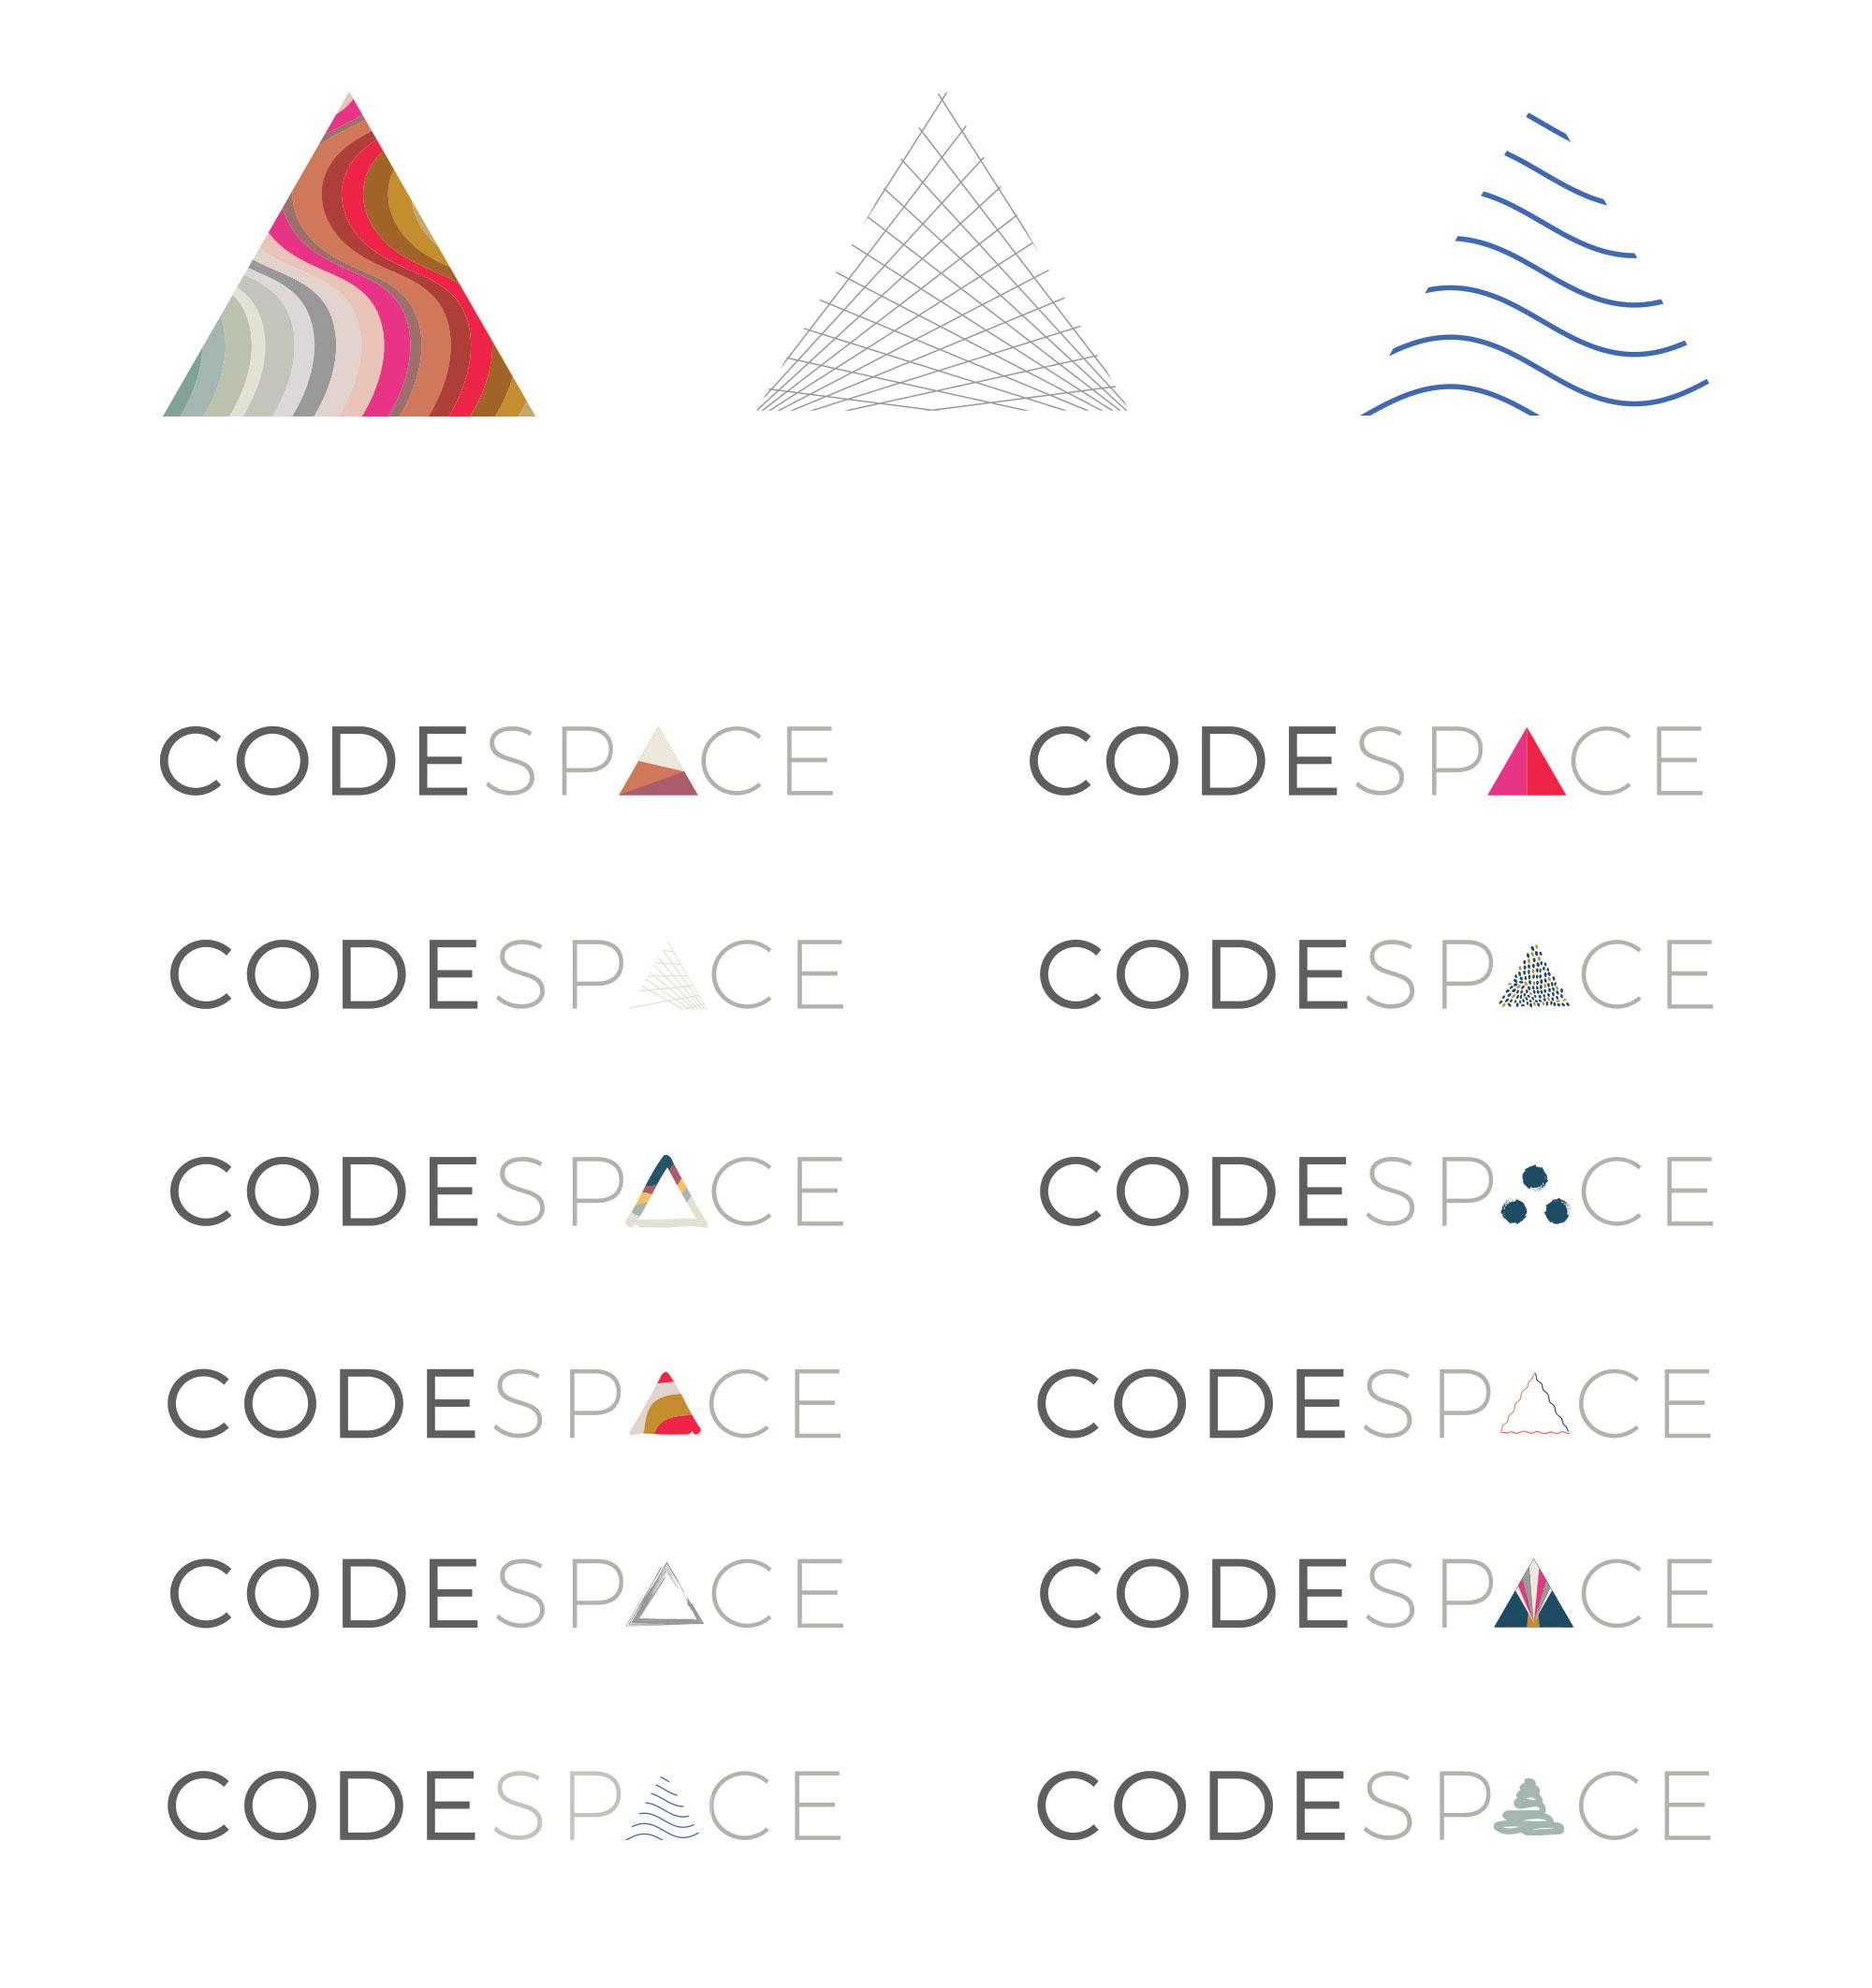 Codespace-2.jpg